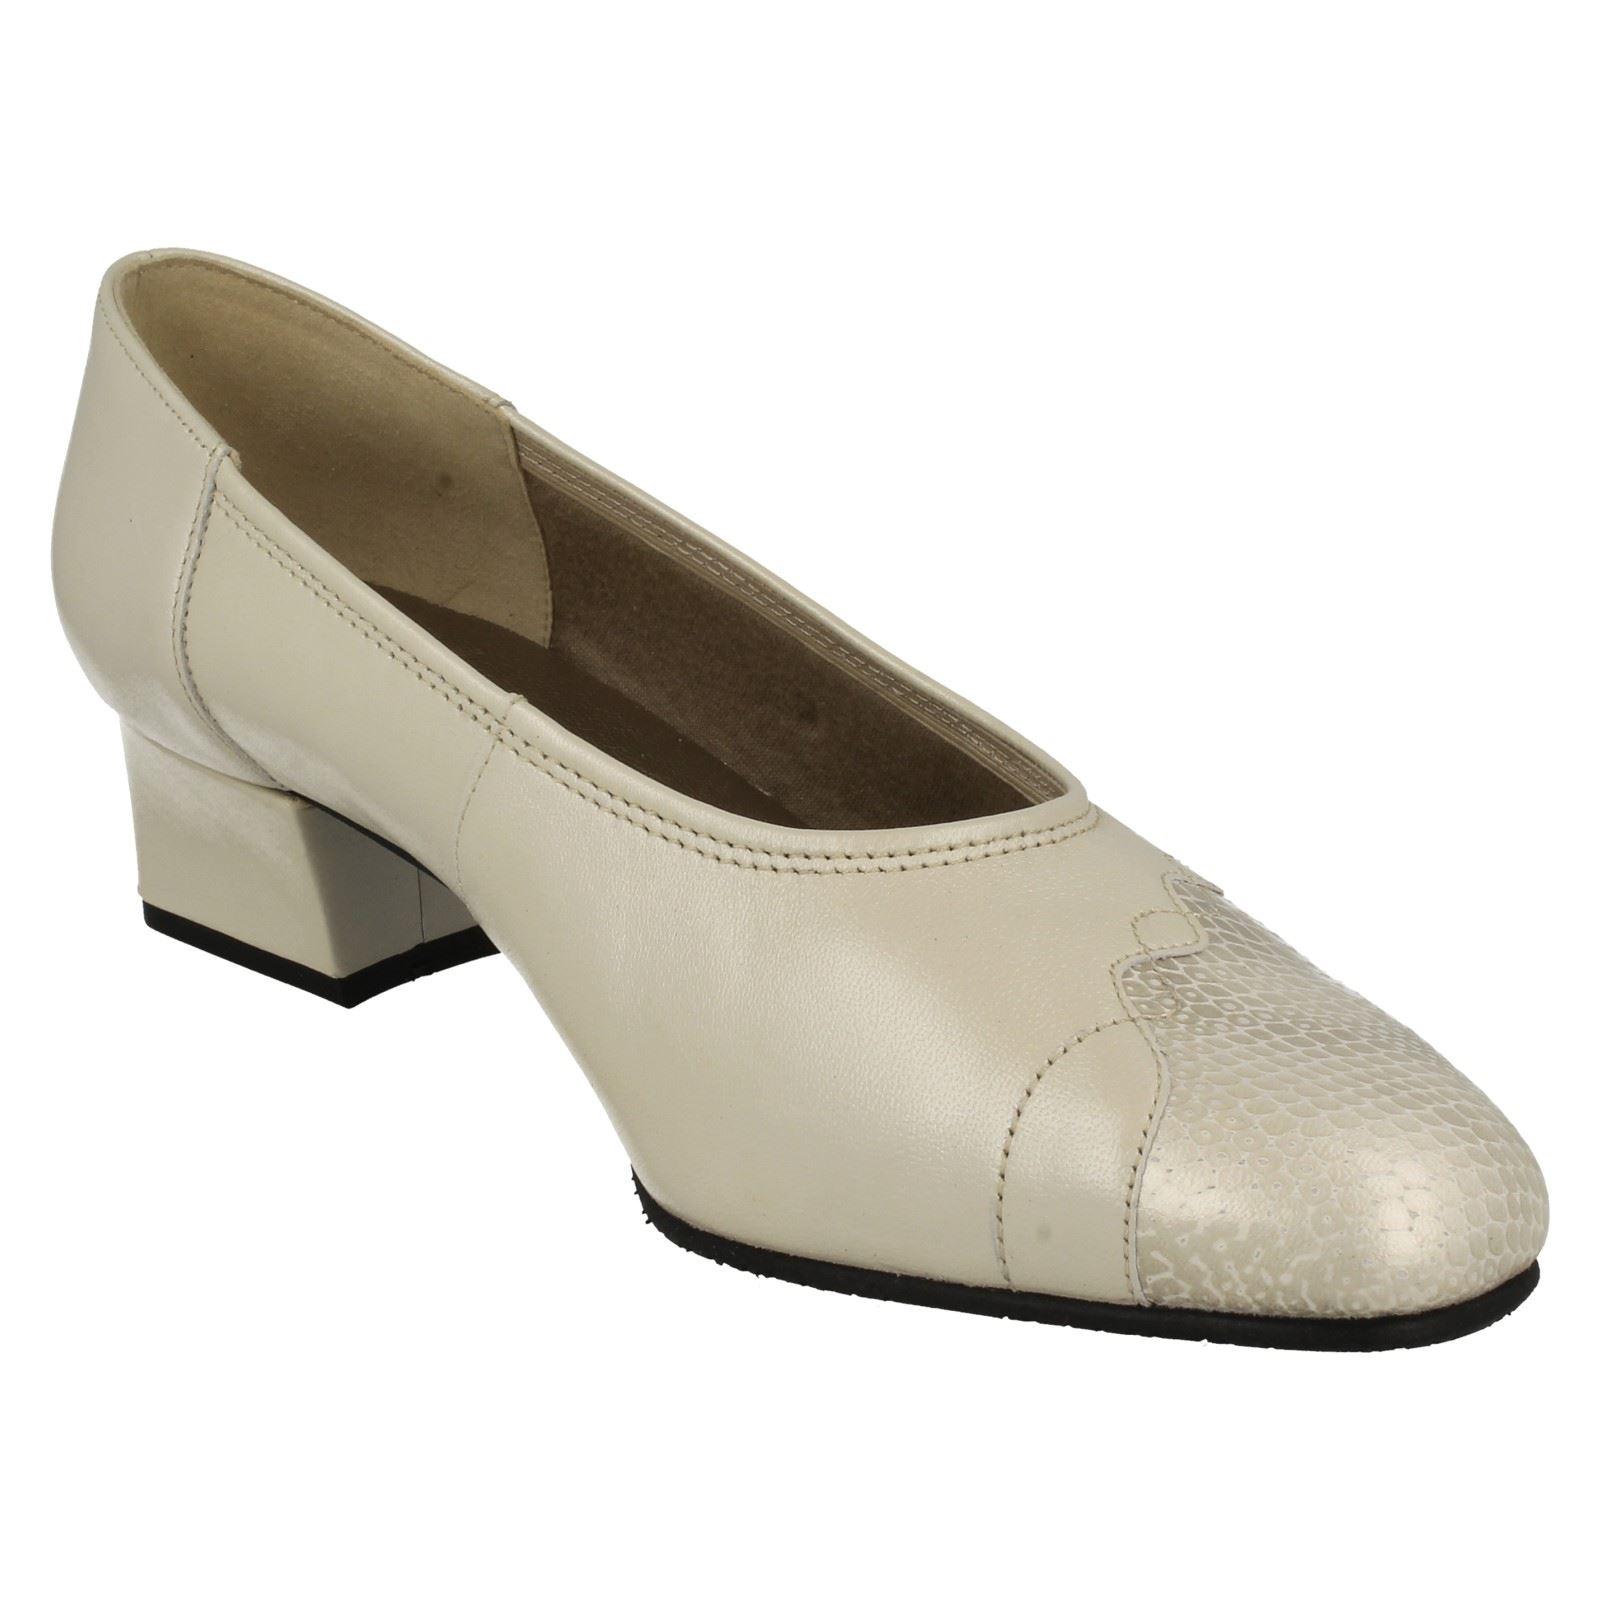 les chaussures officielle en cour officielle chaussures rhapsodie e8f60f